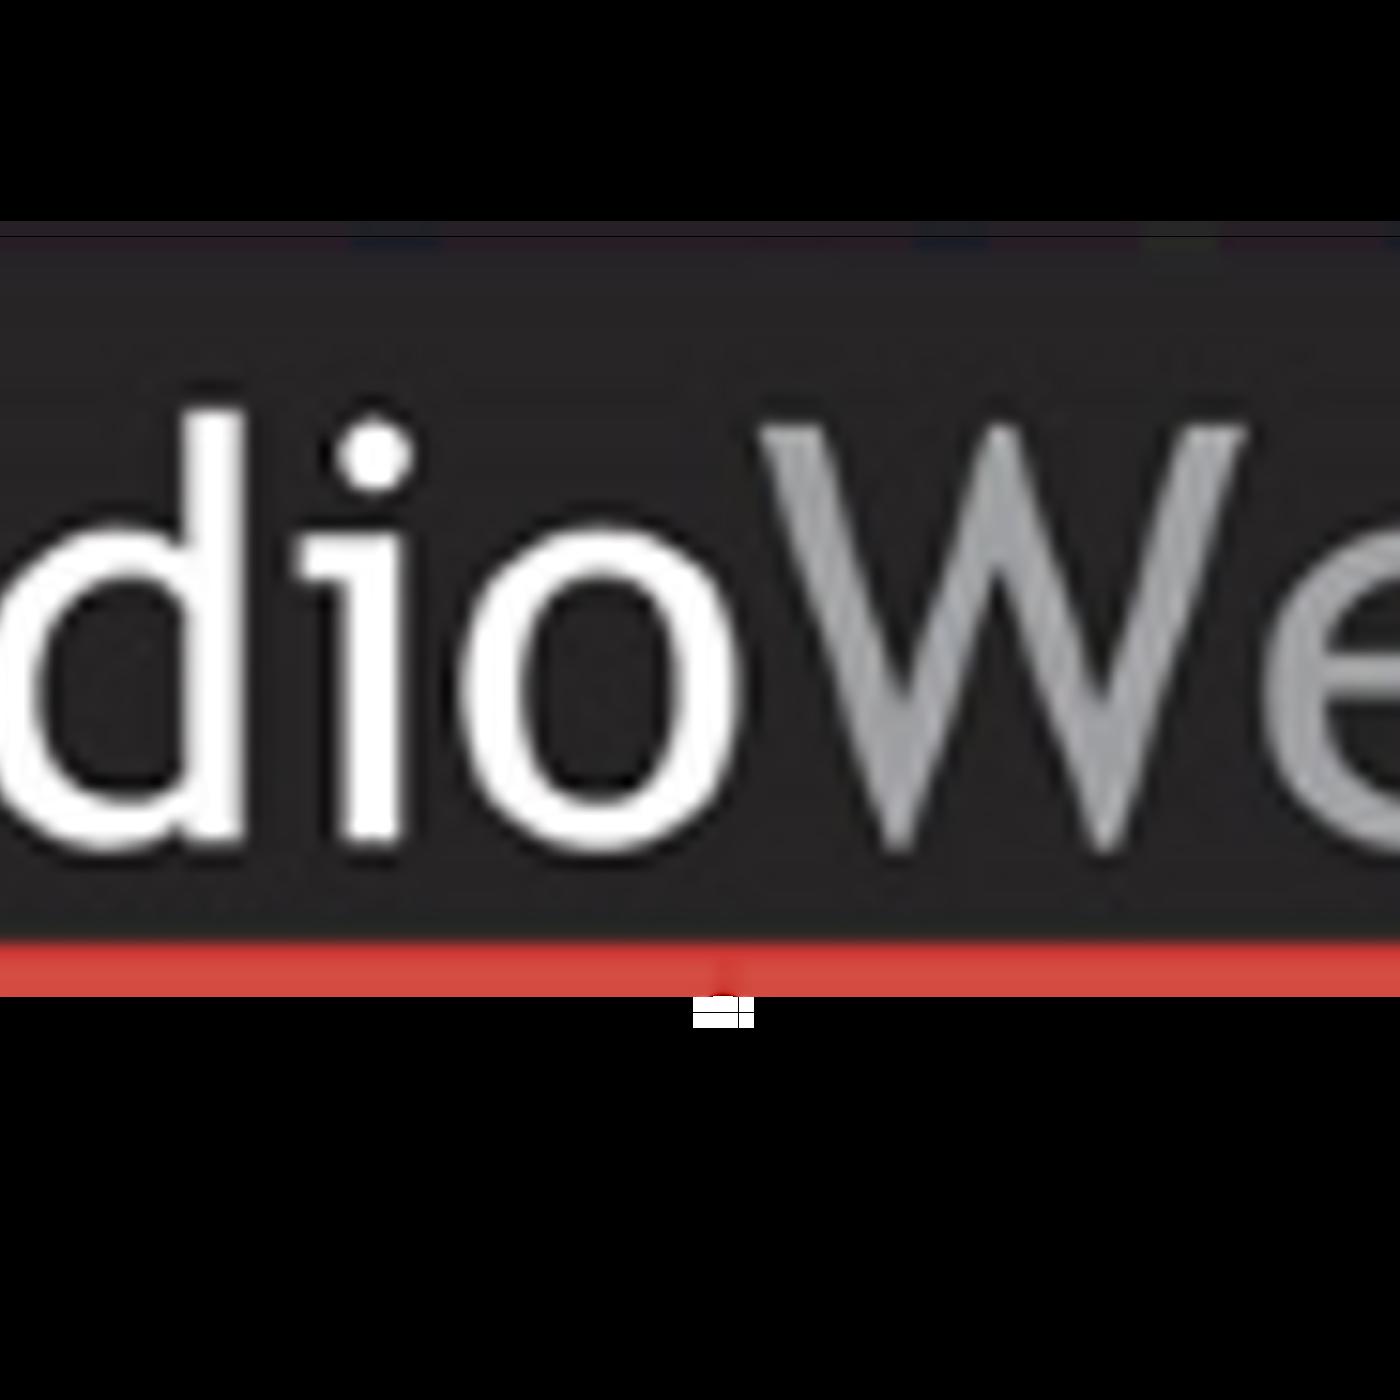 Bchg1cjkqyulwwzgi2ux radiowest new